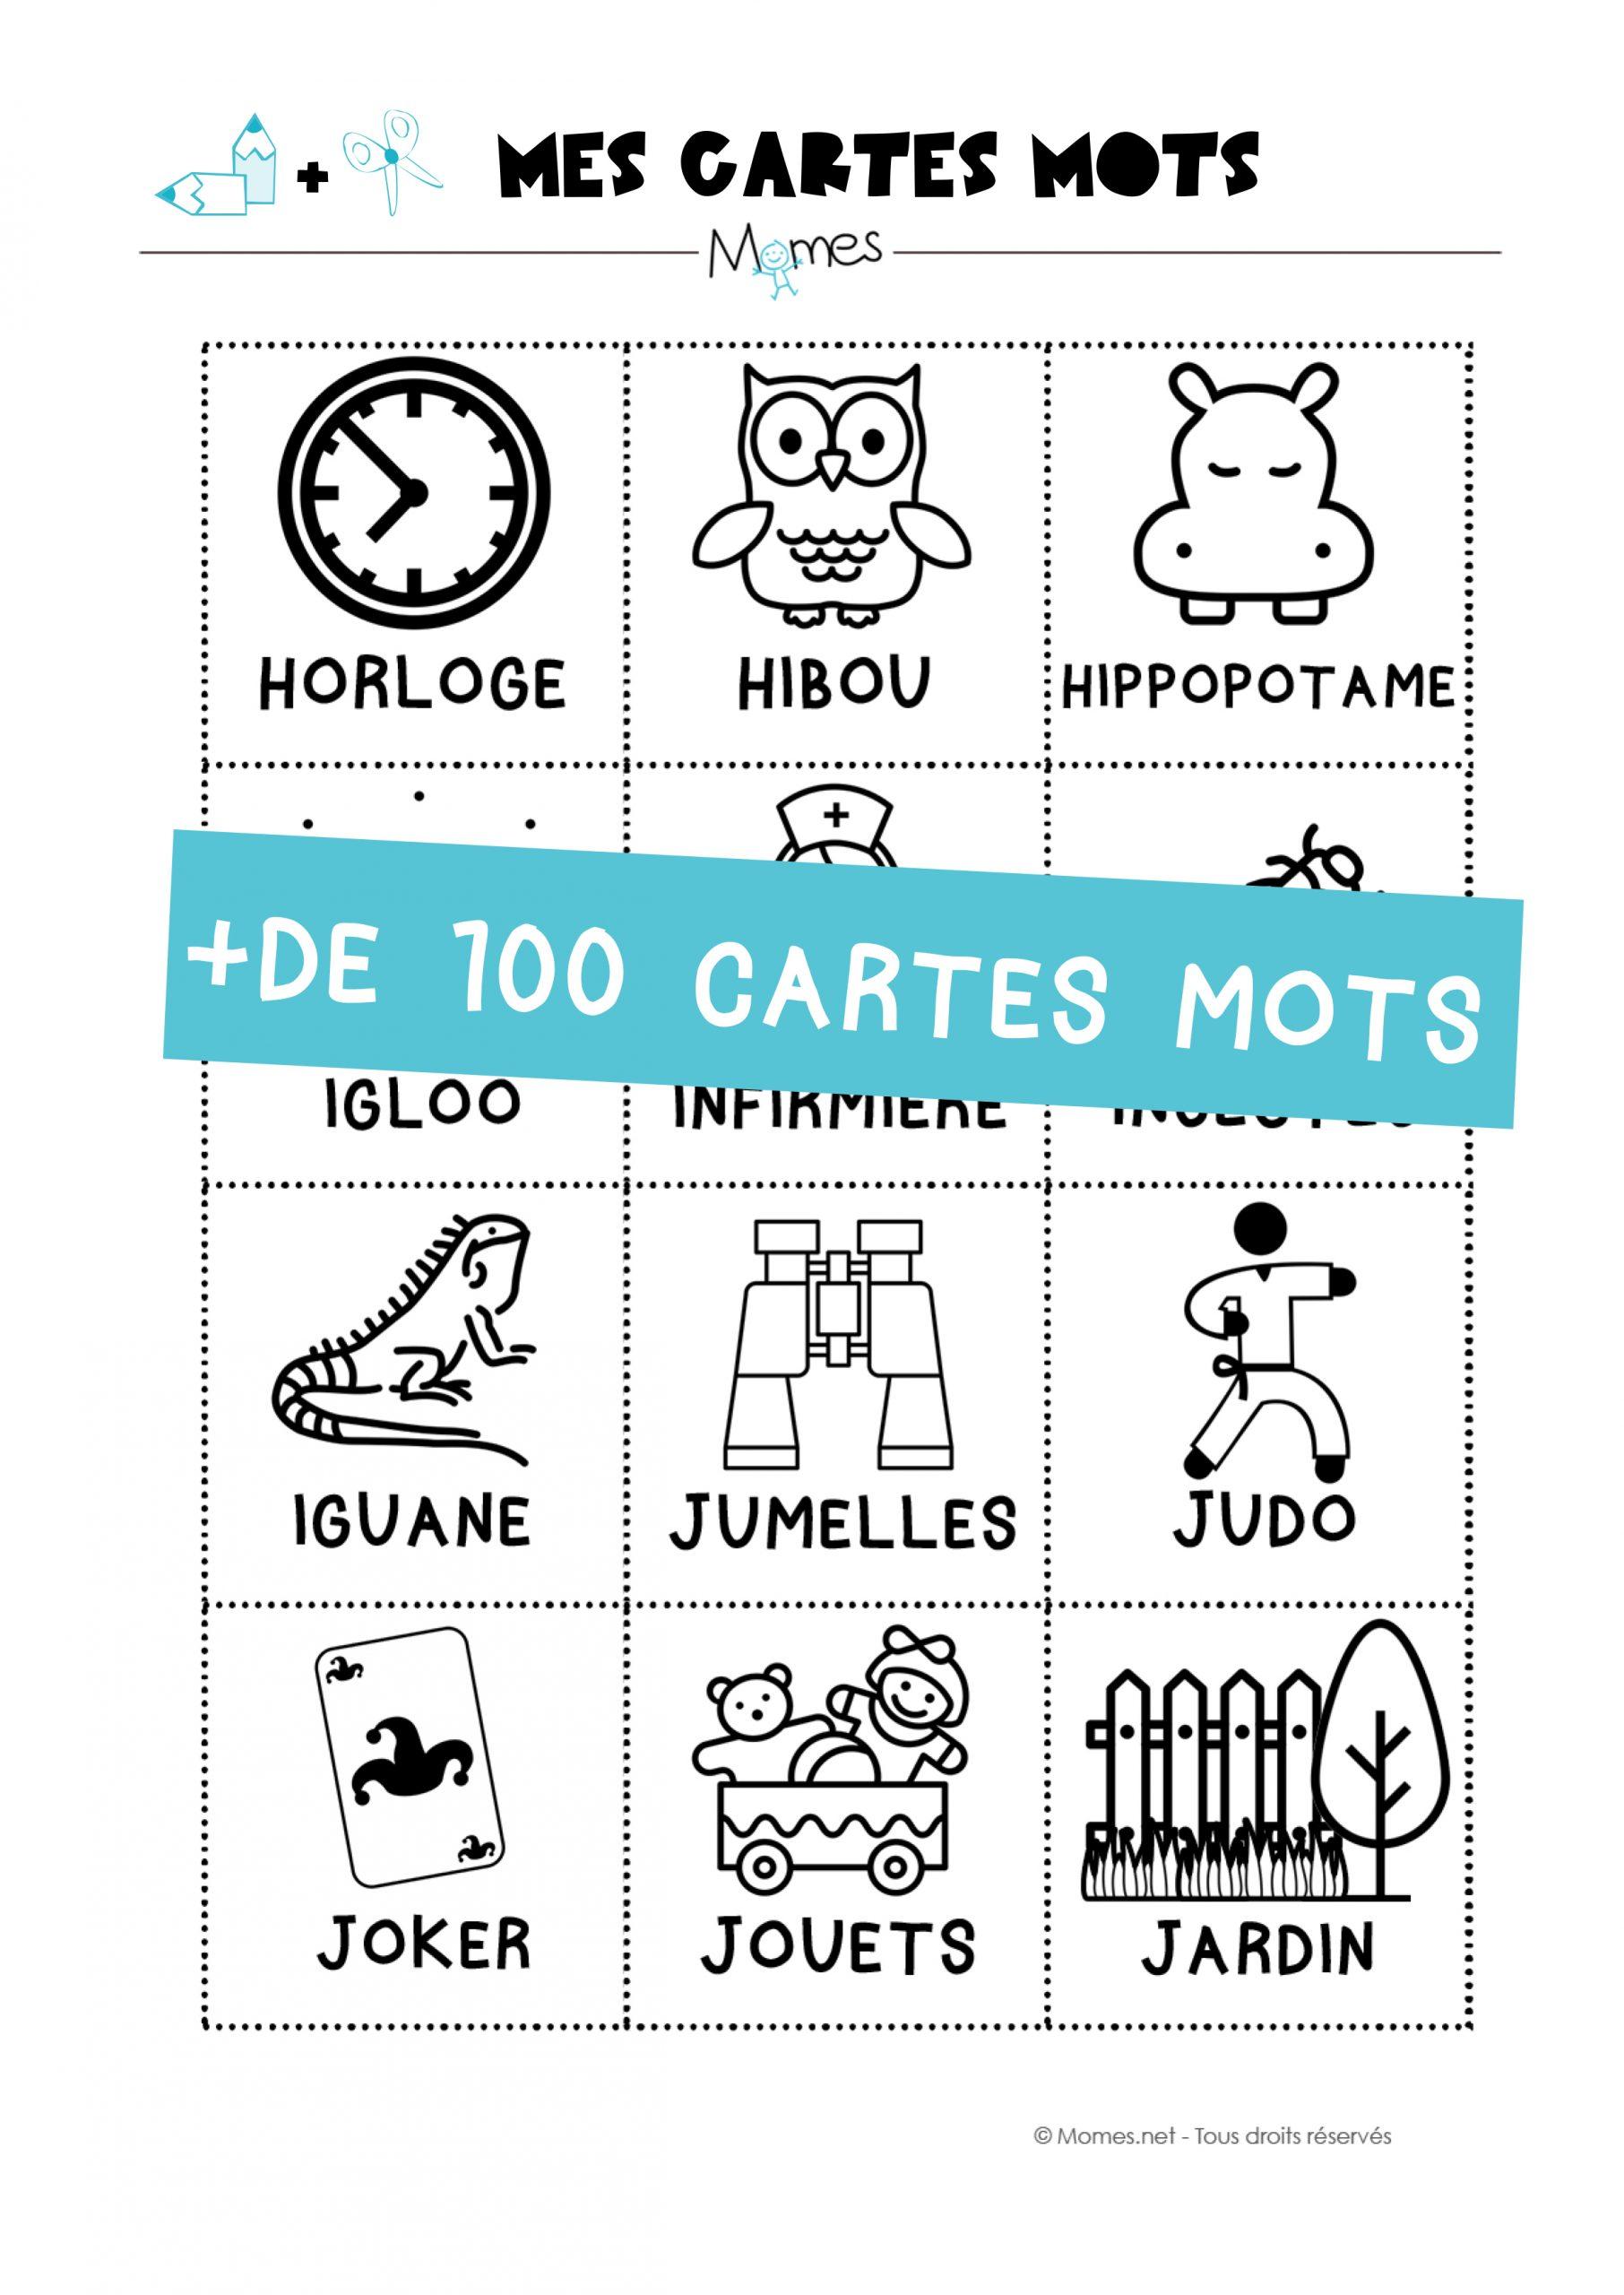 Les Cartes Mots - Imagier Maternelle - Momes intérieur Imagier Noel Maternelle